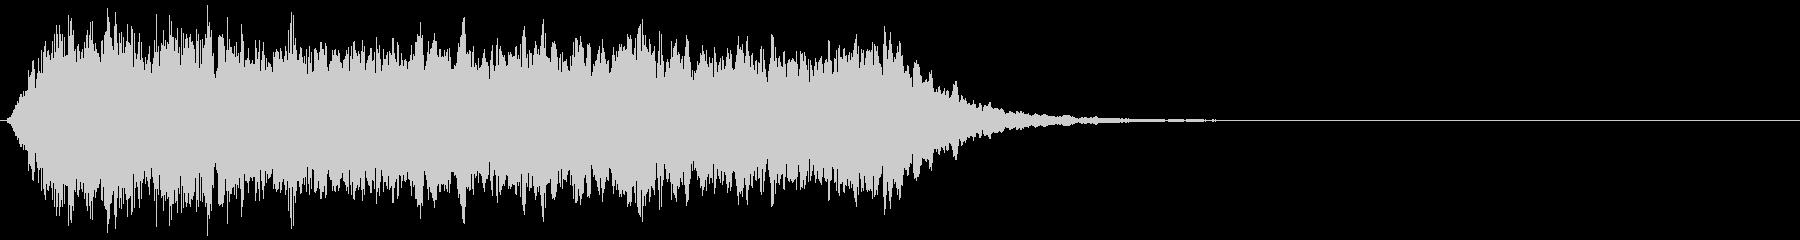 汎用13 アーメン(合唱団)の未再生の波形